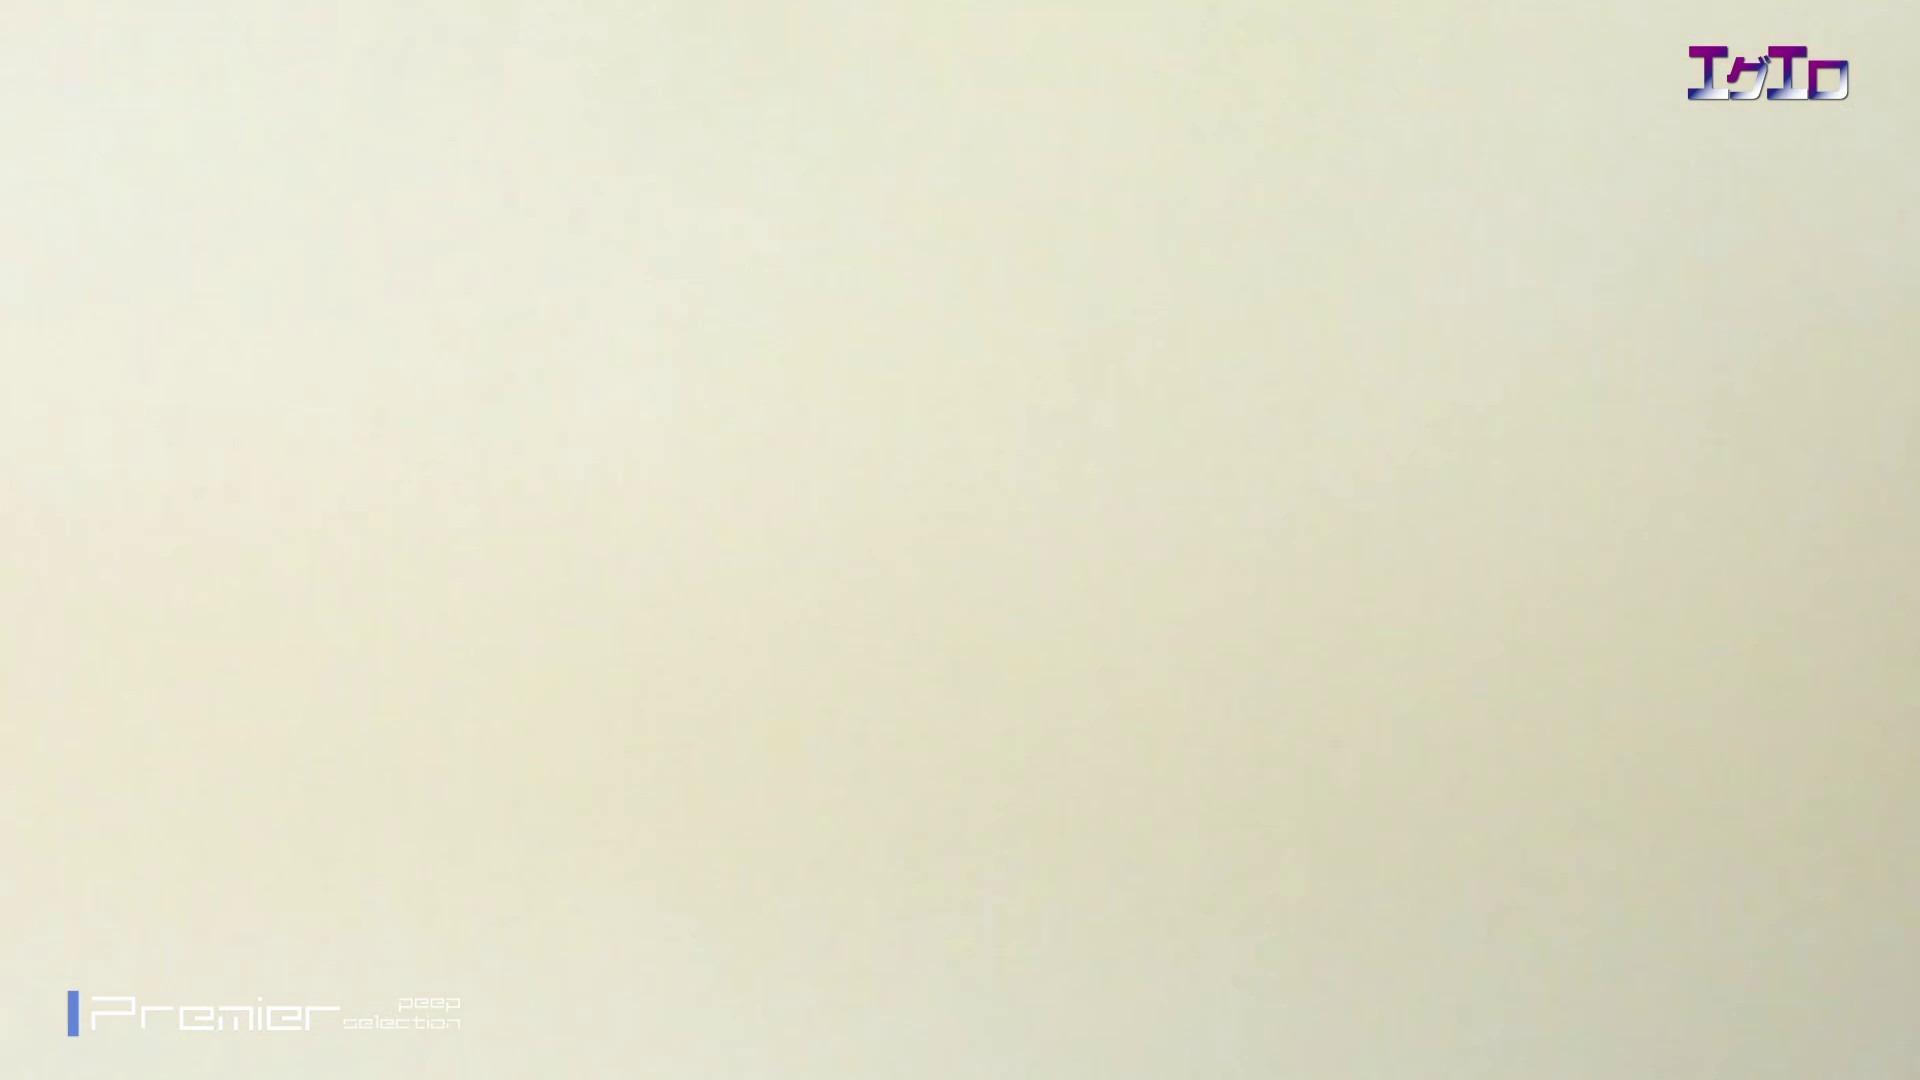 執念の撮影&追撮!!某女子校の通学路にあるトイレ 至近距離洗面所 Vol.16 トイレ  82pic 36